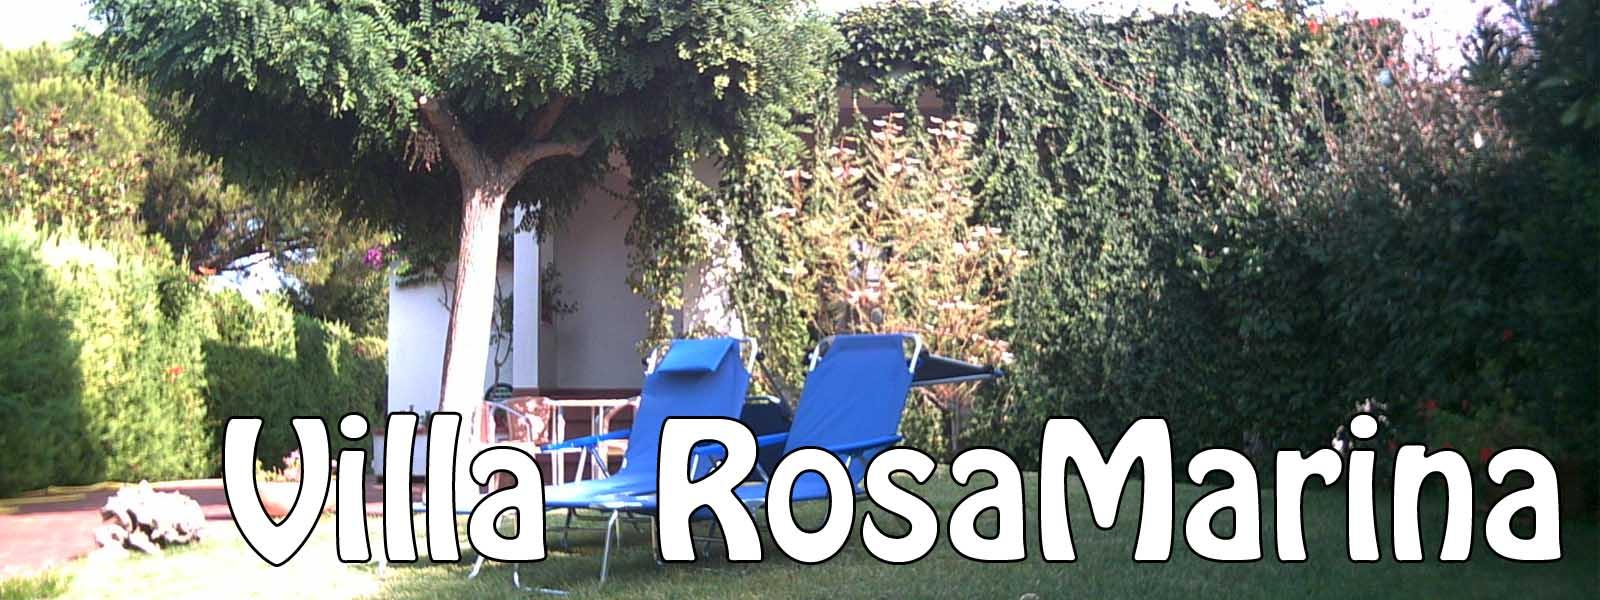 Villa rosamarina stupenda villa a due piani con giardino for Piani di 20x30 posti auto coperti